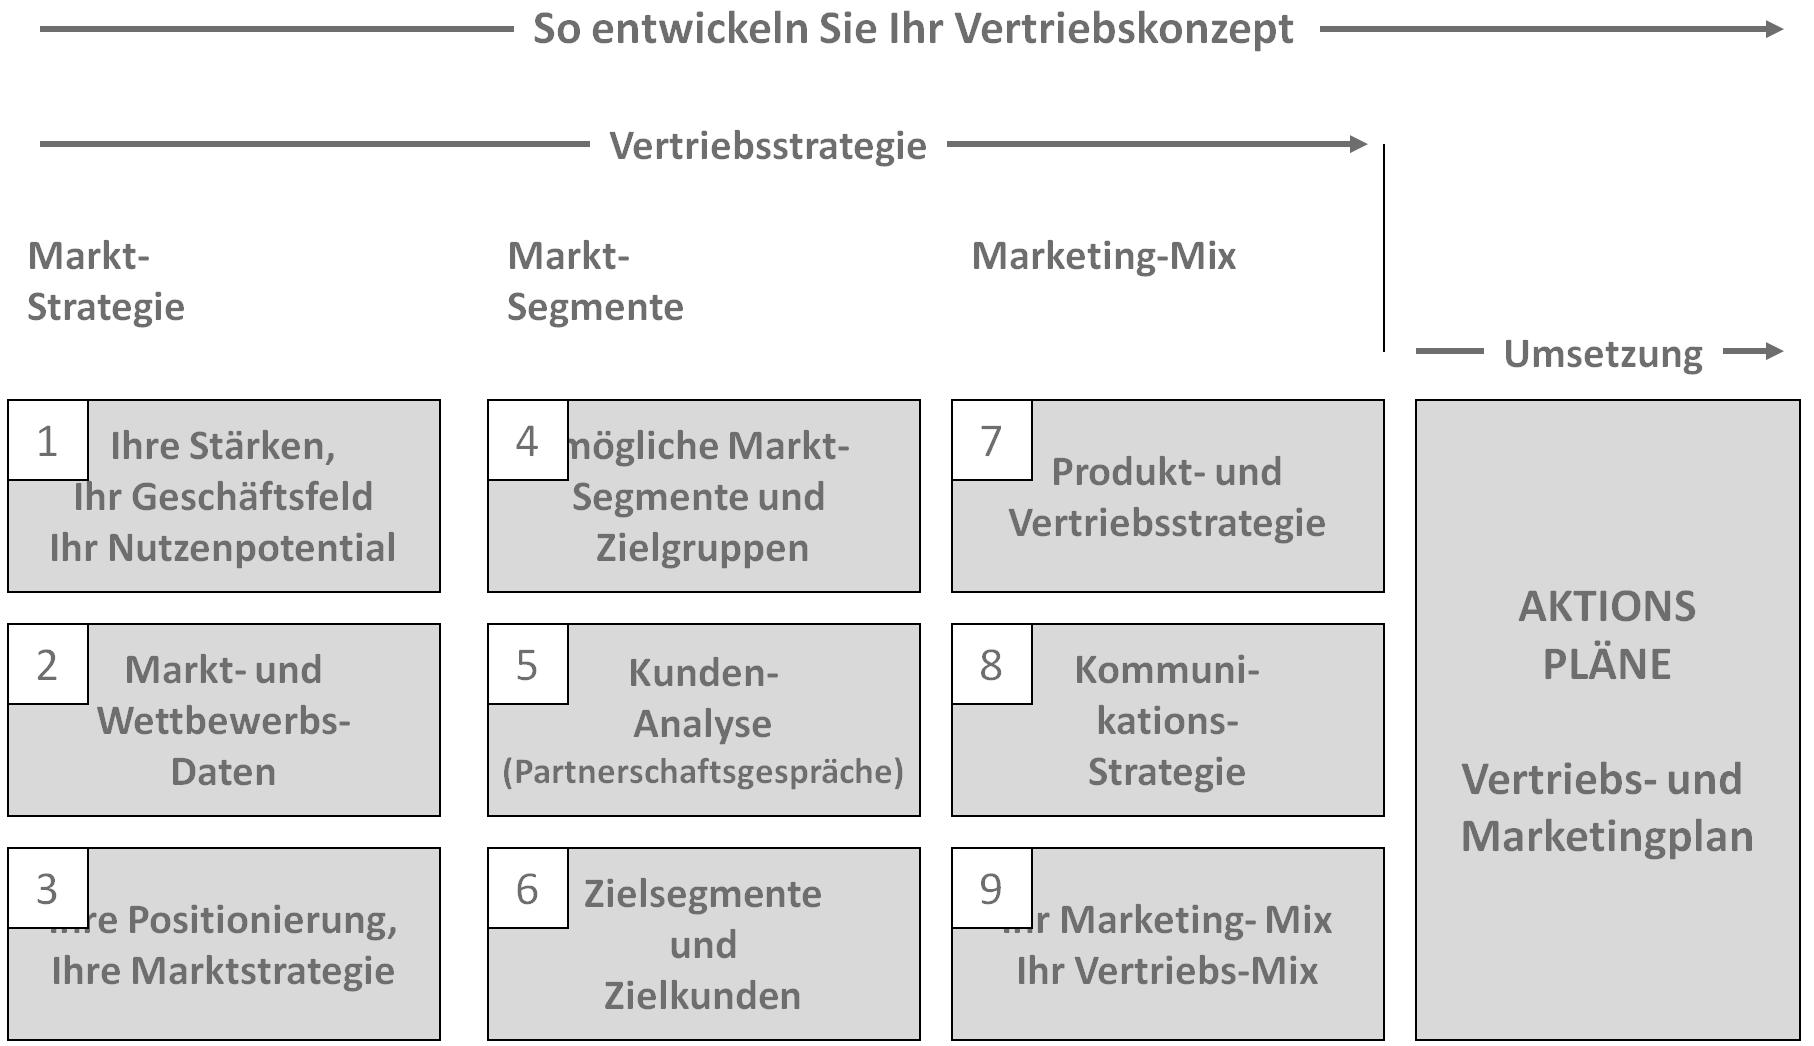 Zehn Schritte zur Vertriebsstrategie und zum Vertriebskonzept